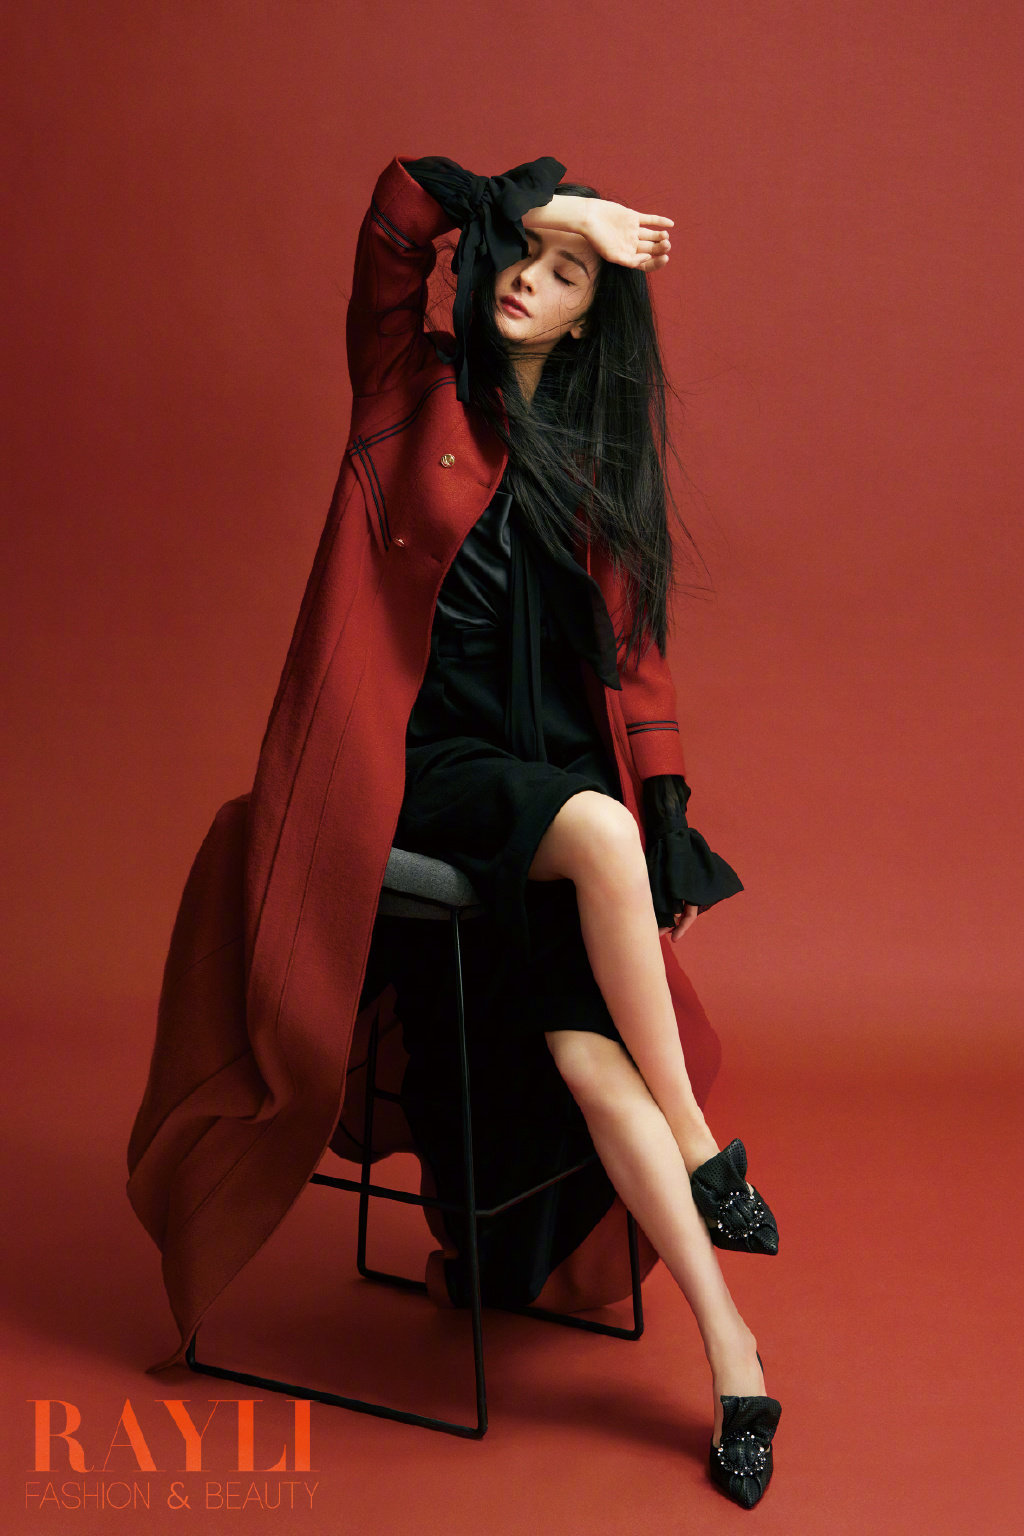 杨幂 x《瑞丽服饰美容》你们觉得时尚表现力如何?